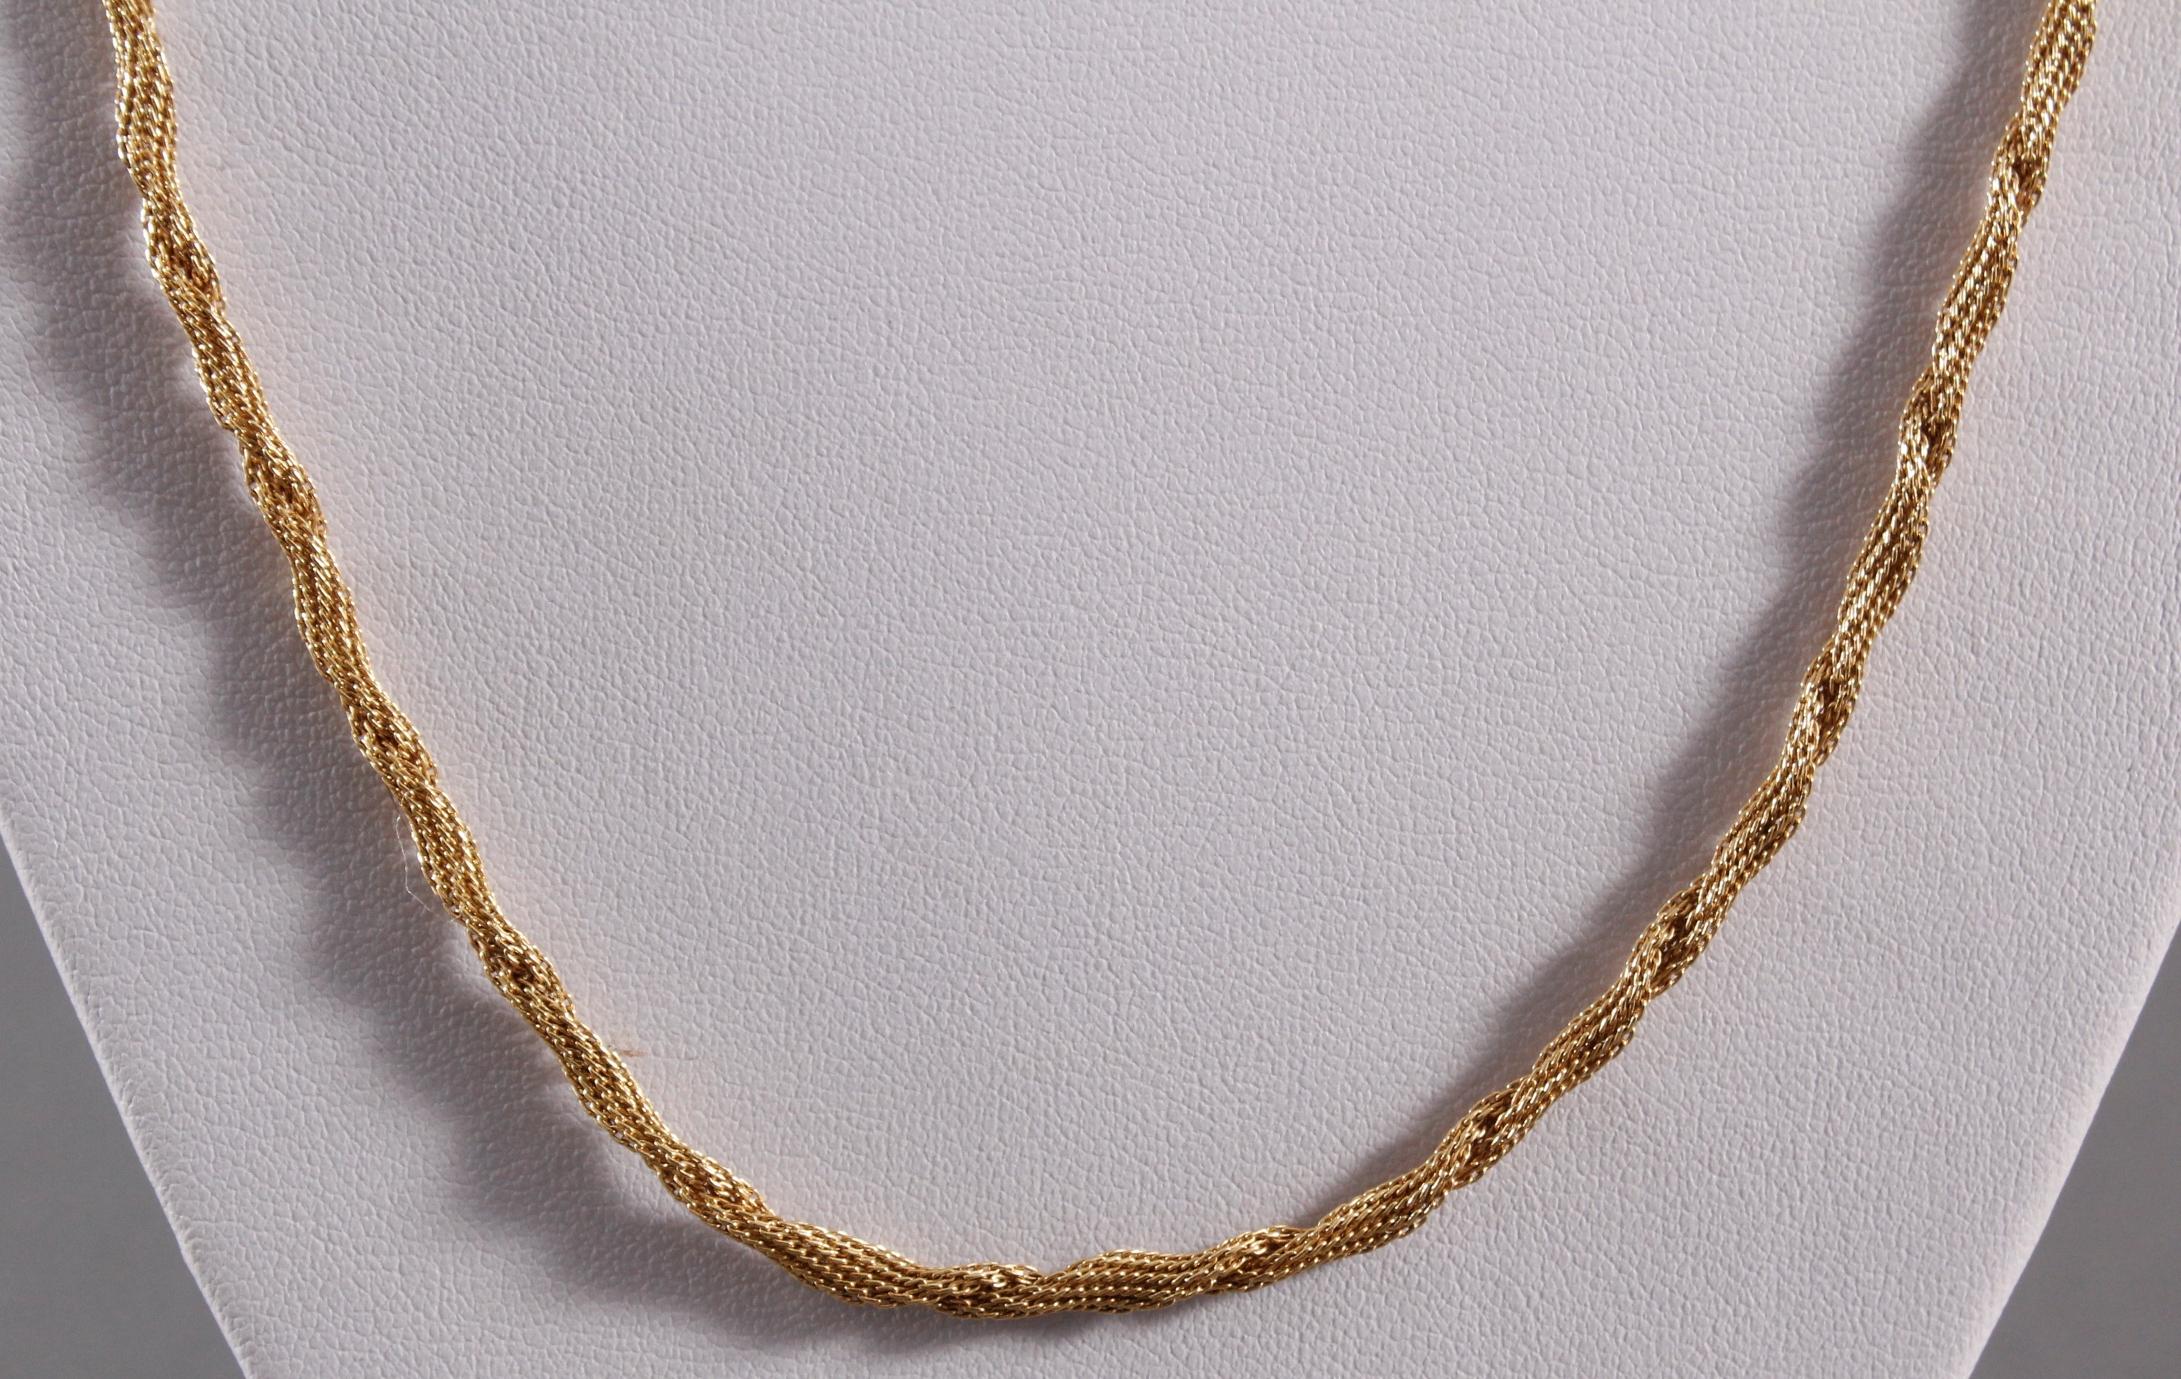 Halskette aus 18 Karat Gelbgold-2